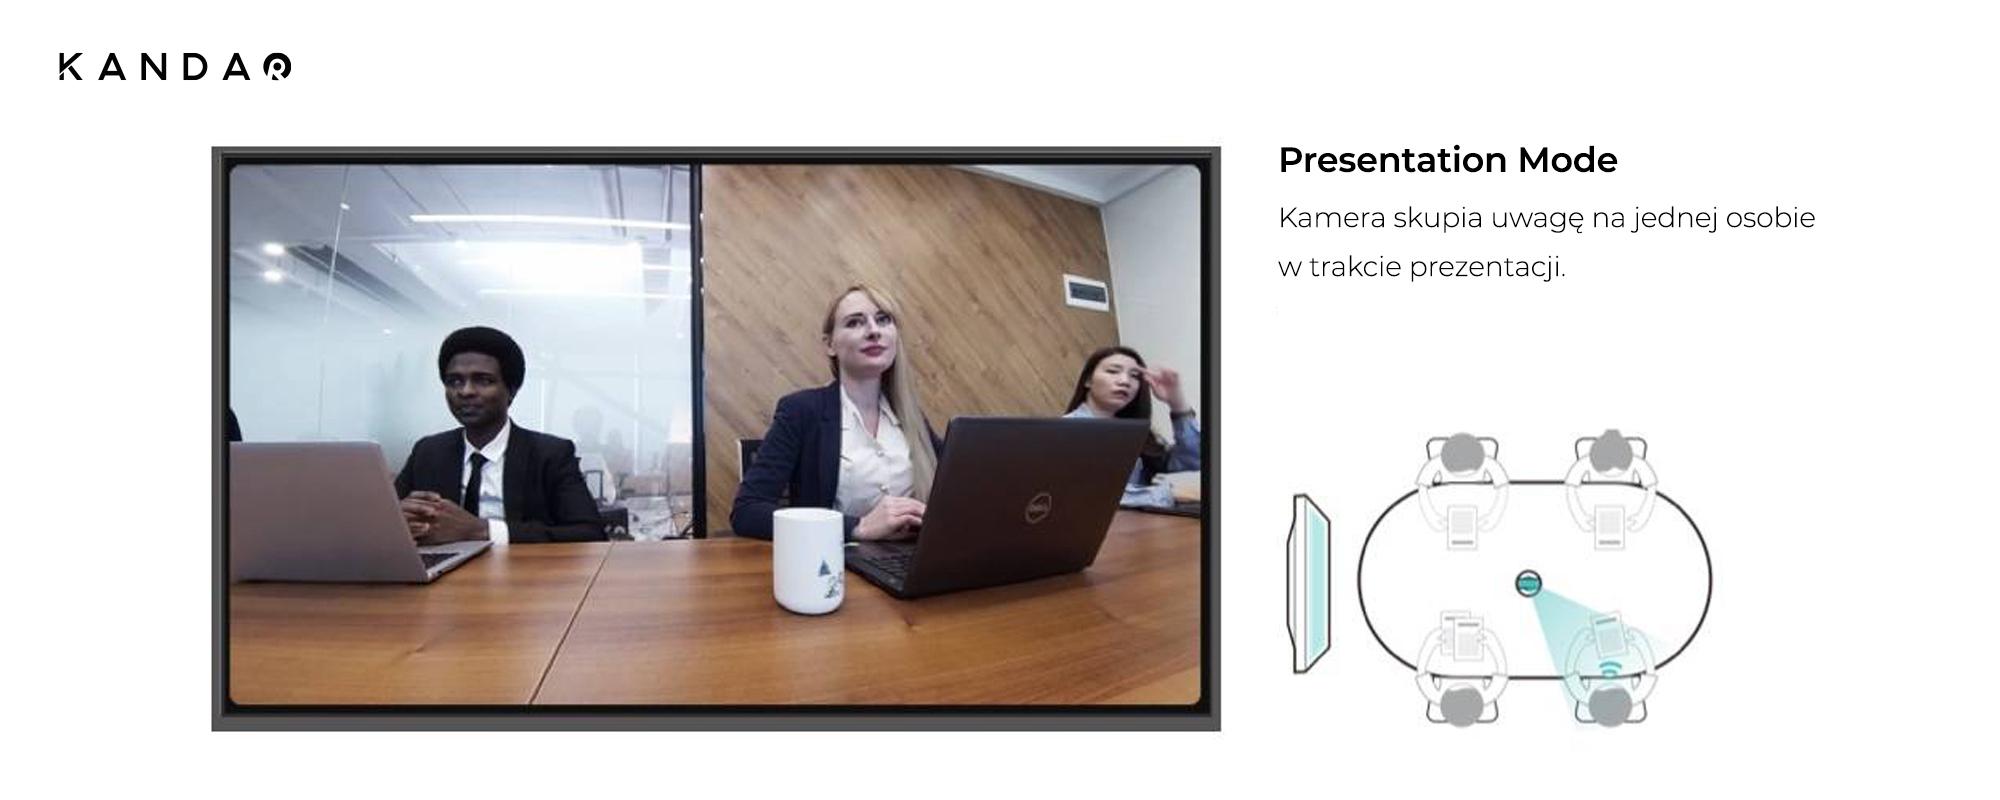 Schemat trybu Presentation Mode